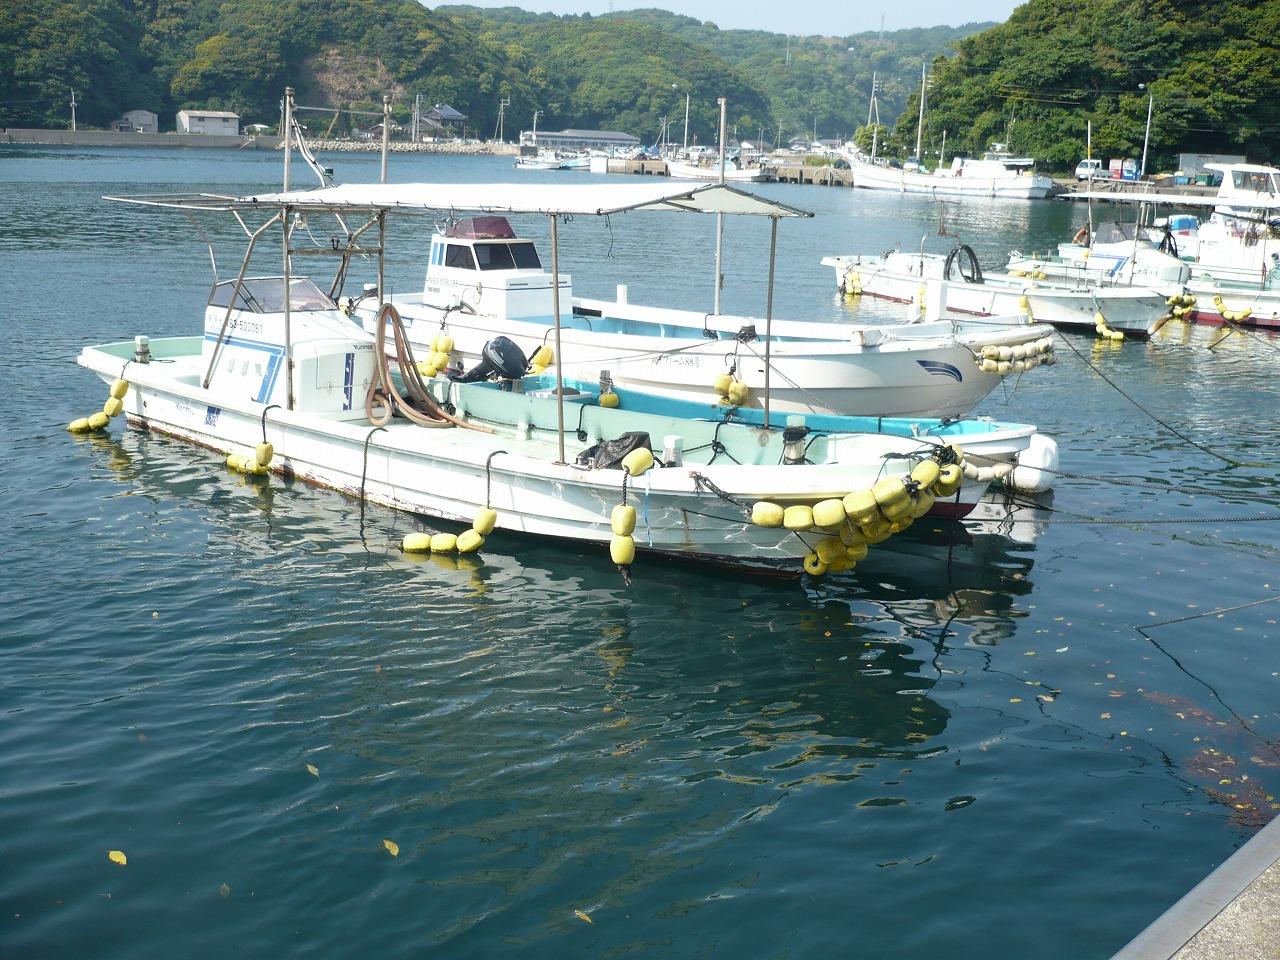 艇 ヤンマー 中古 中古船・漁船・中古ボート買取、委託販売 山﨑ヤンマー